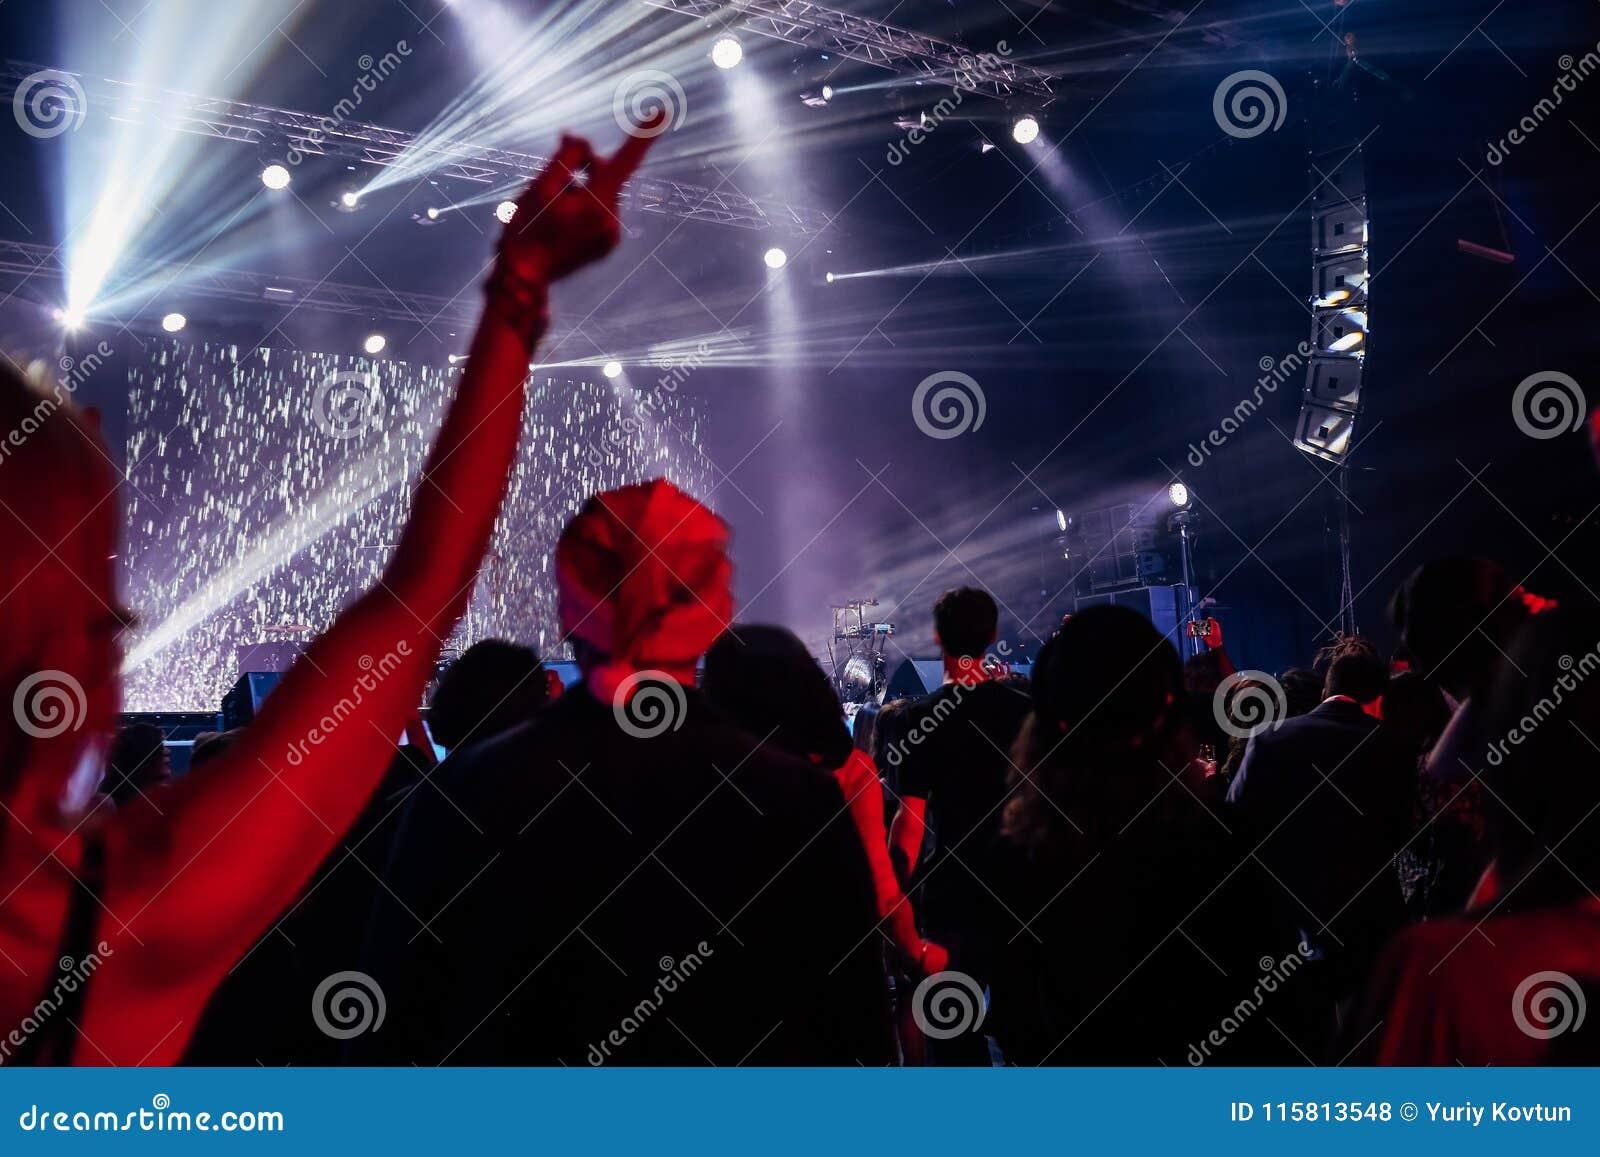 Concert musical performance show spectators fans